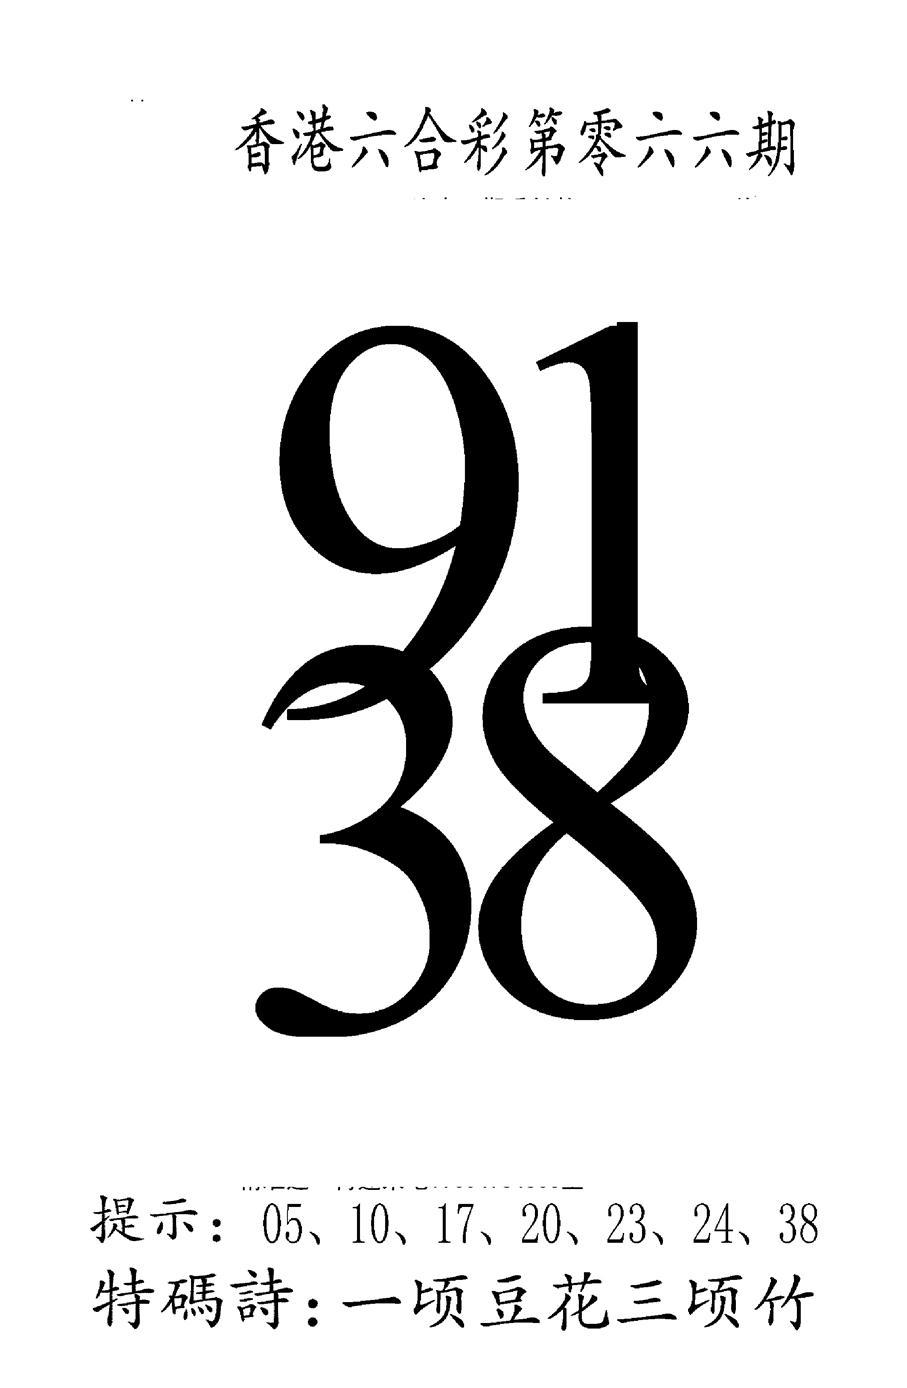 066期澳门三合王B(黑白)